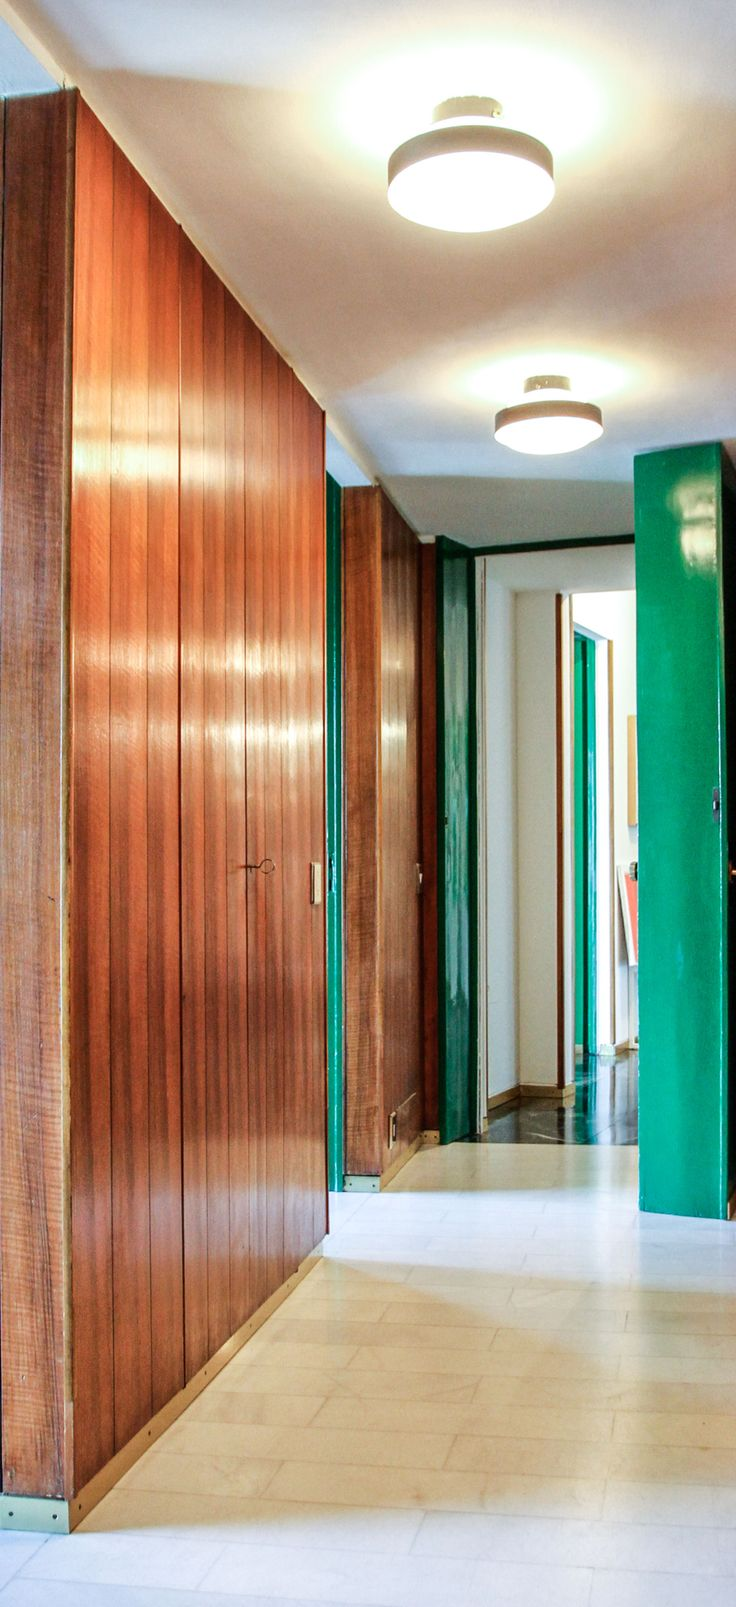 Home geländer design einfach  best architekturstil  images on pinterest  light design